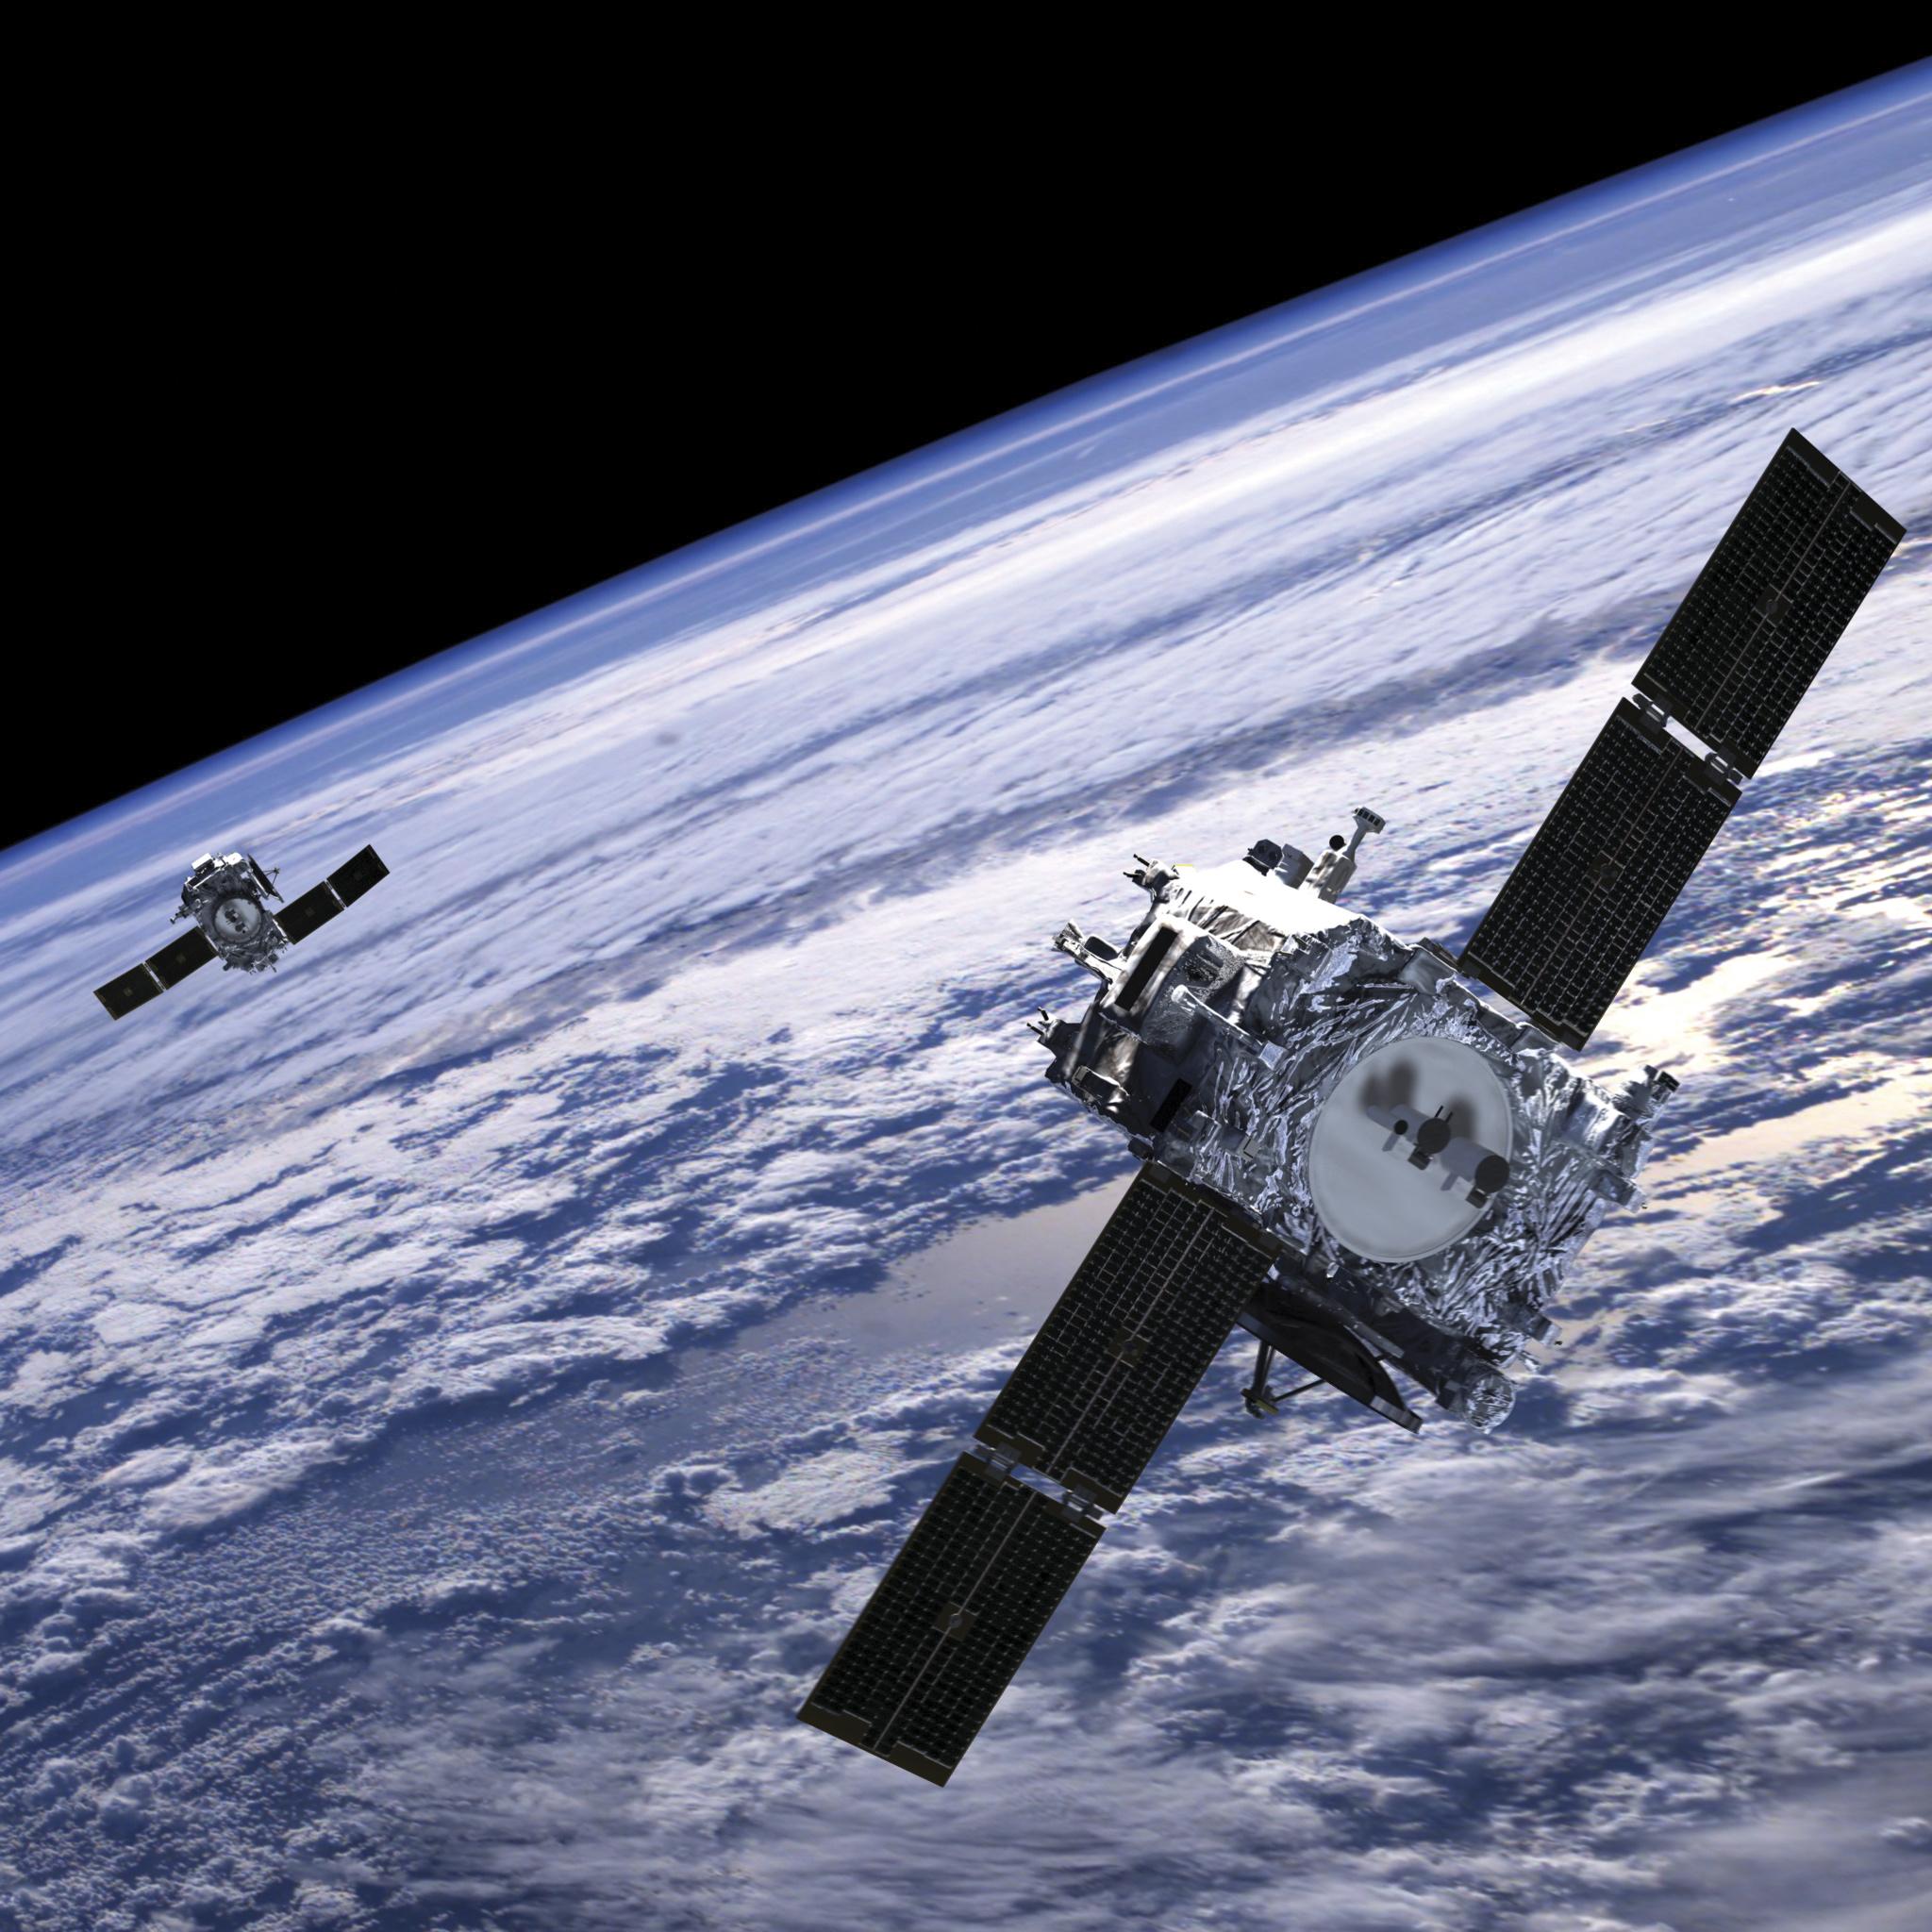 سامانه موقعیت یاب جهانی (GPS)